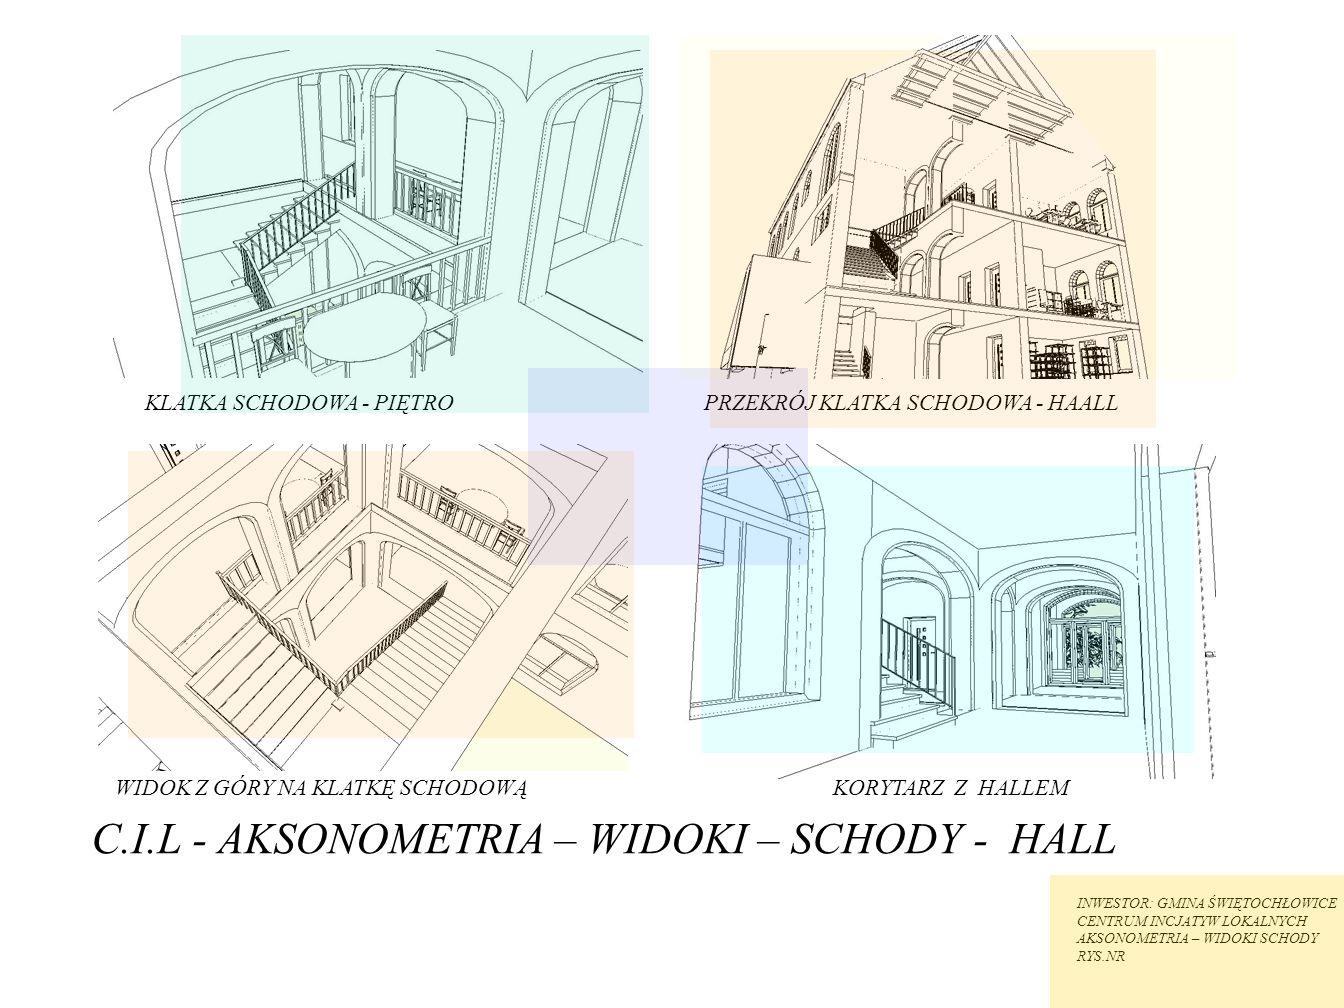 C.I.L - AKSONOMETRIA – WIDOKI – SCHODY - HALL